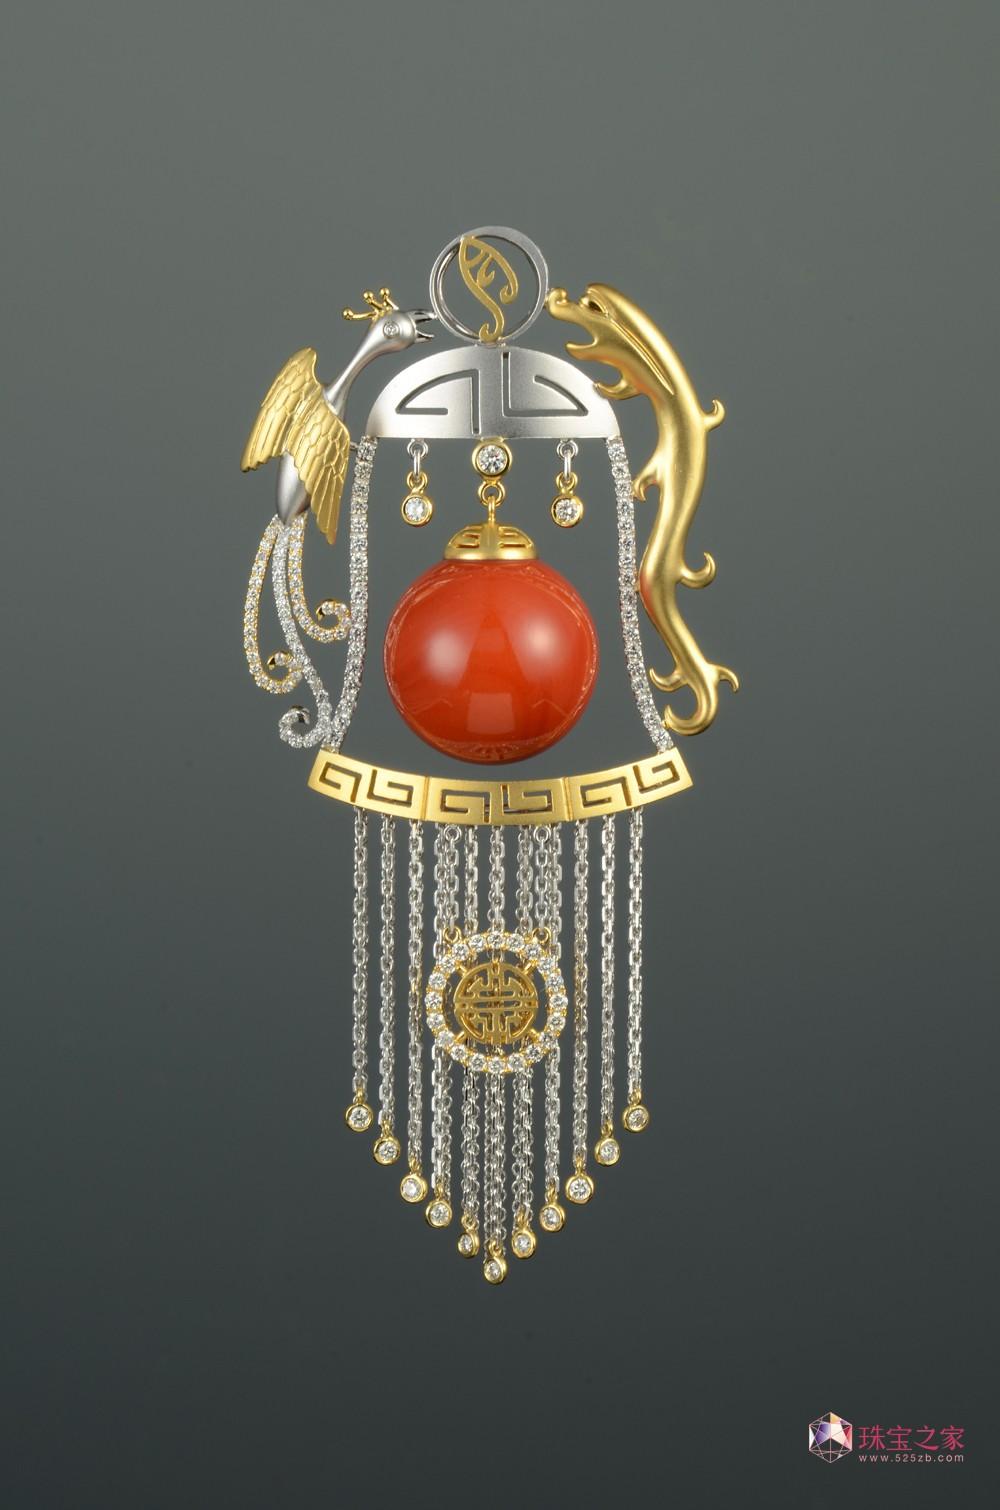 王月要:珠宝艺术化 艺术生活化